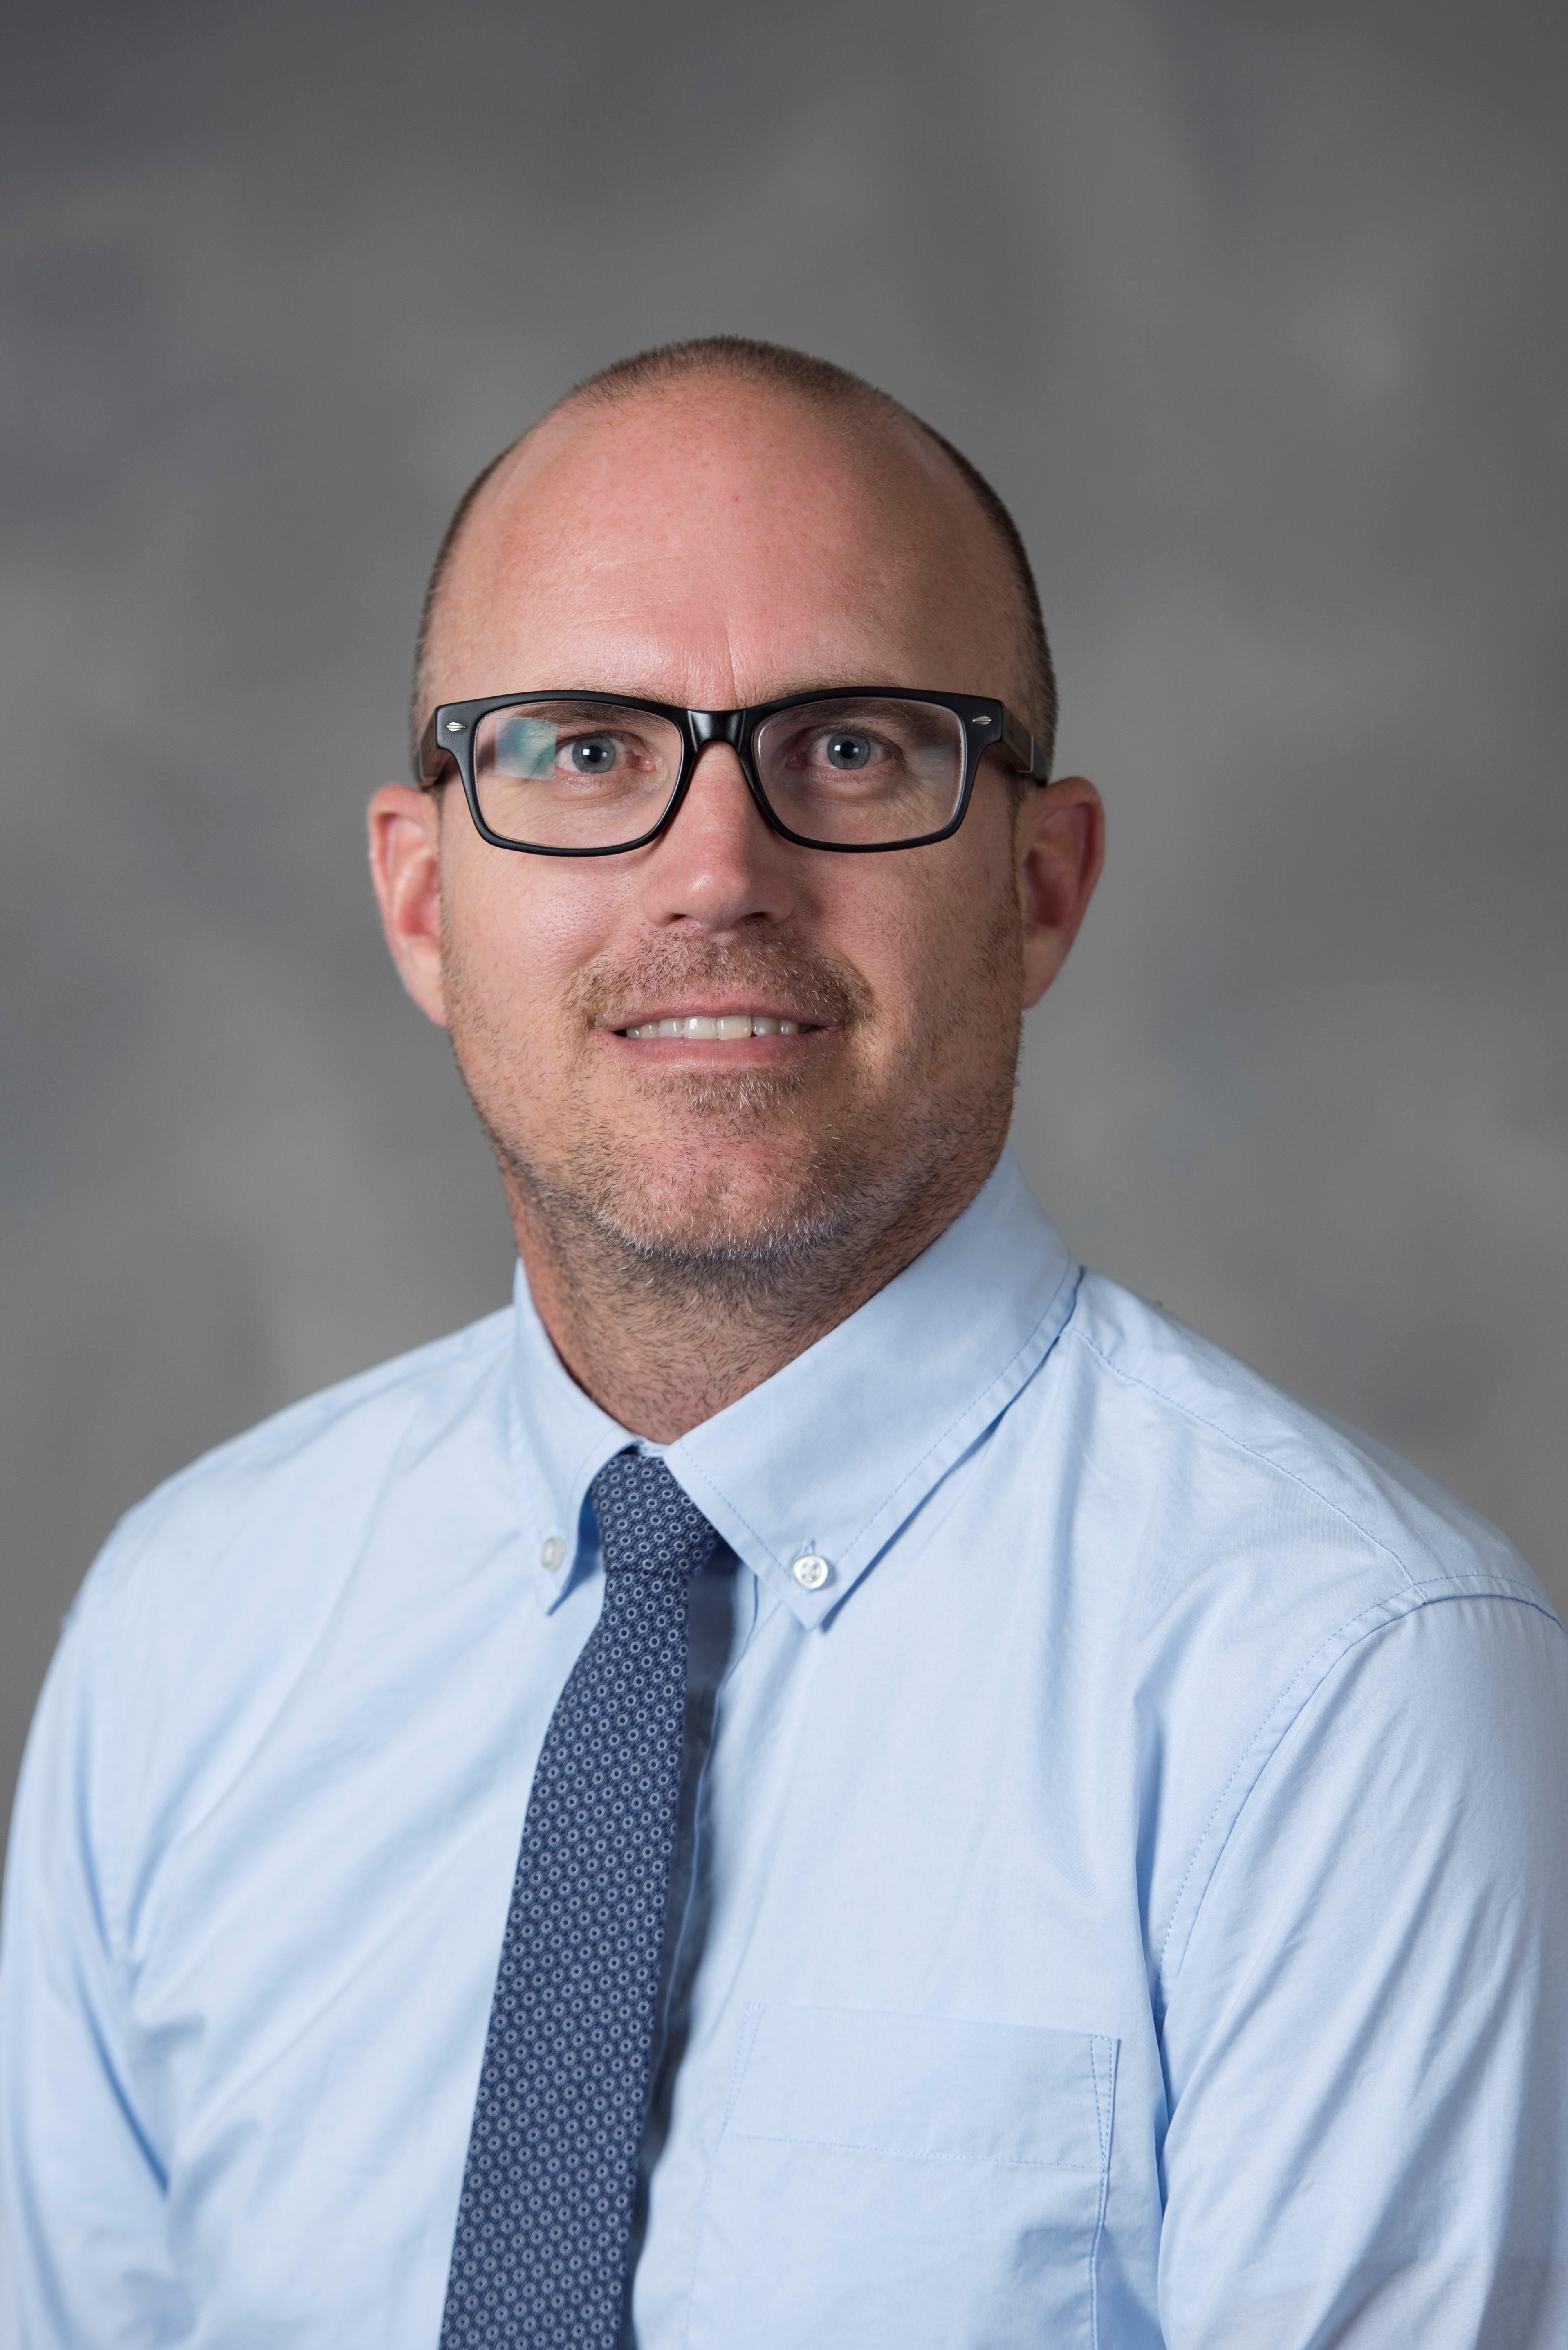 Dr. Scott Morrison